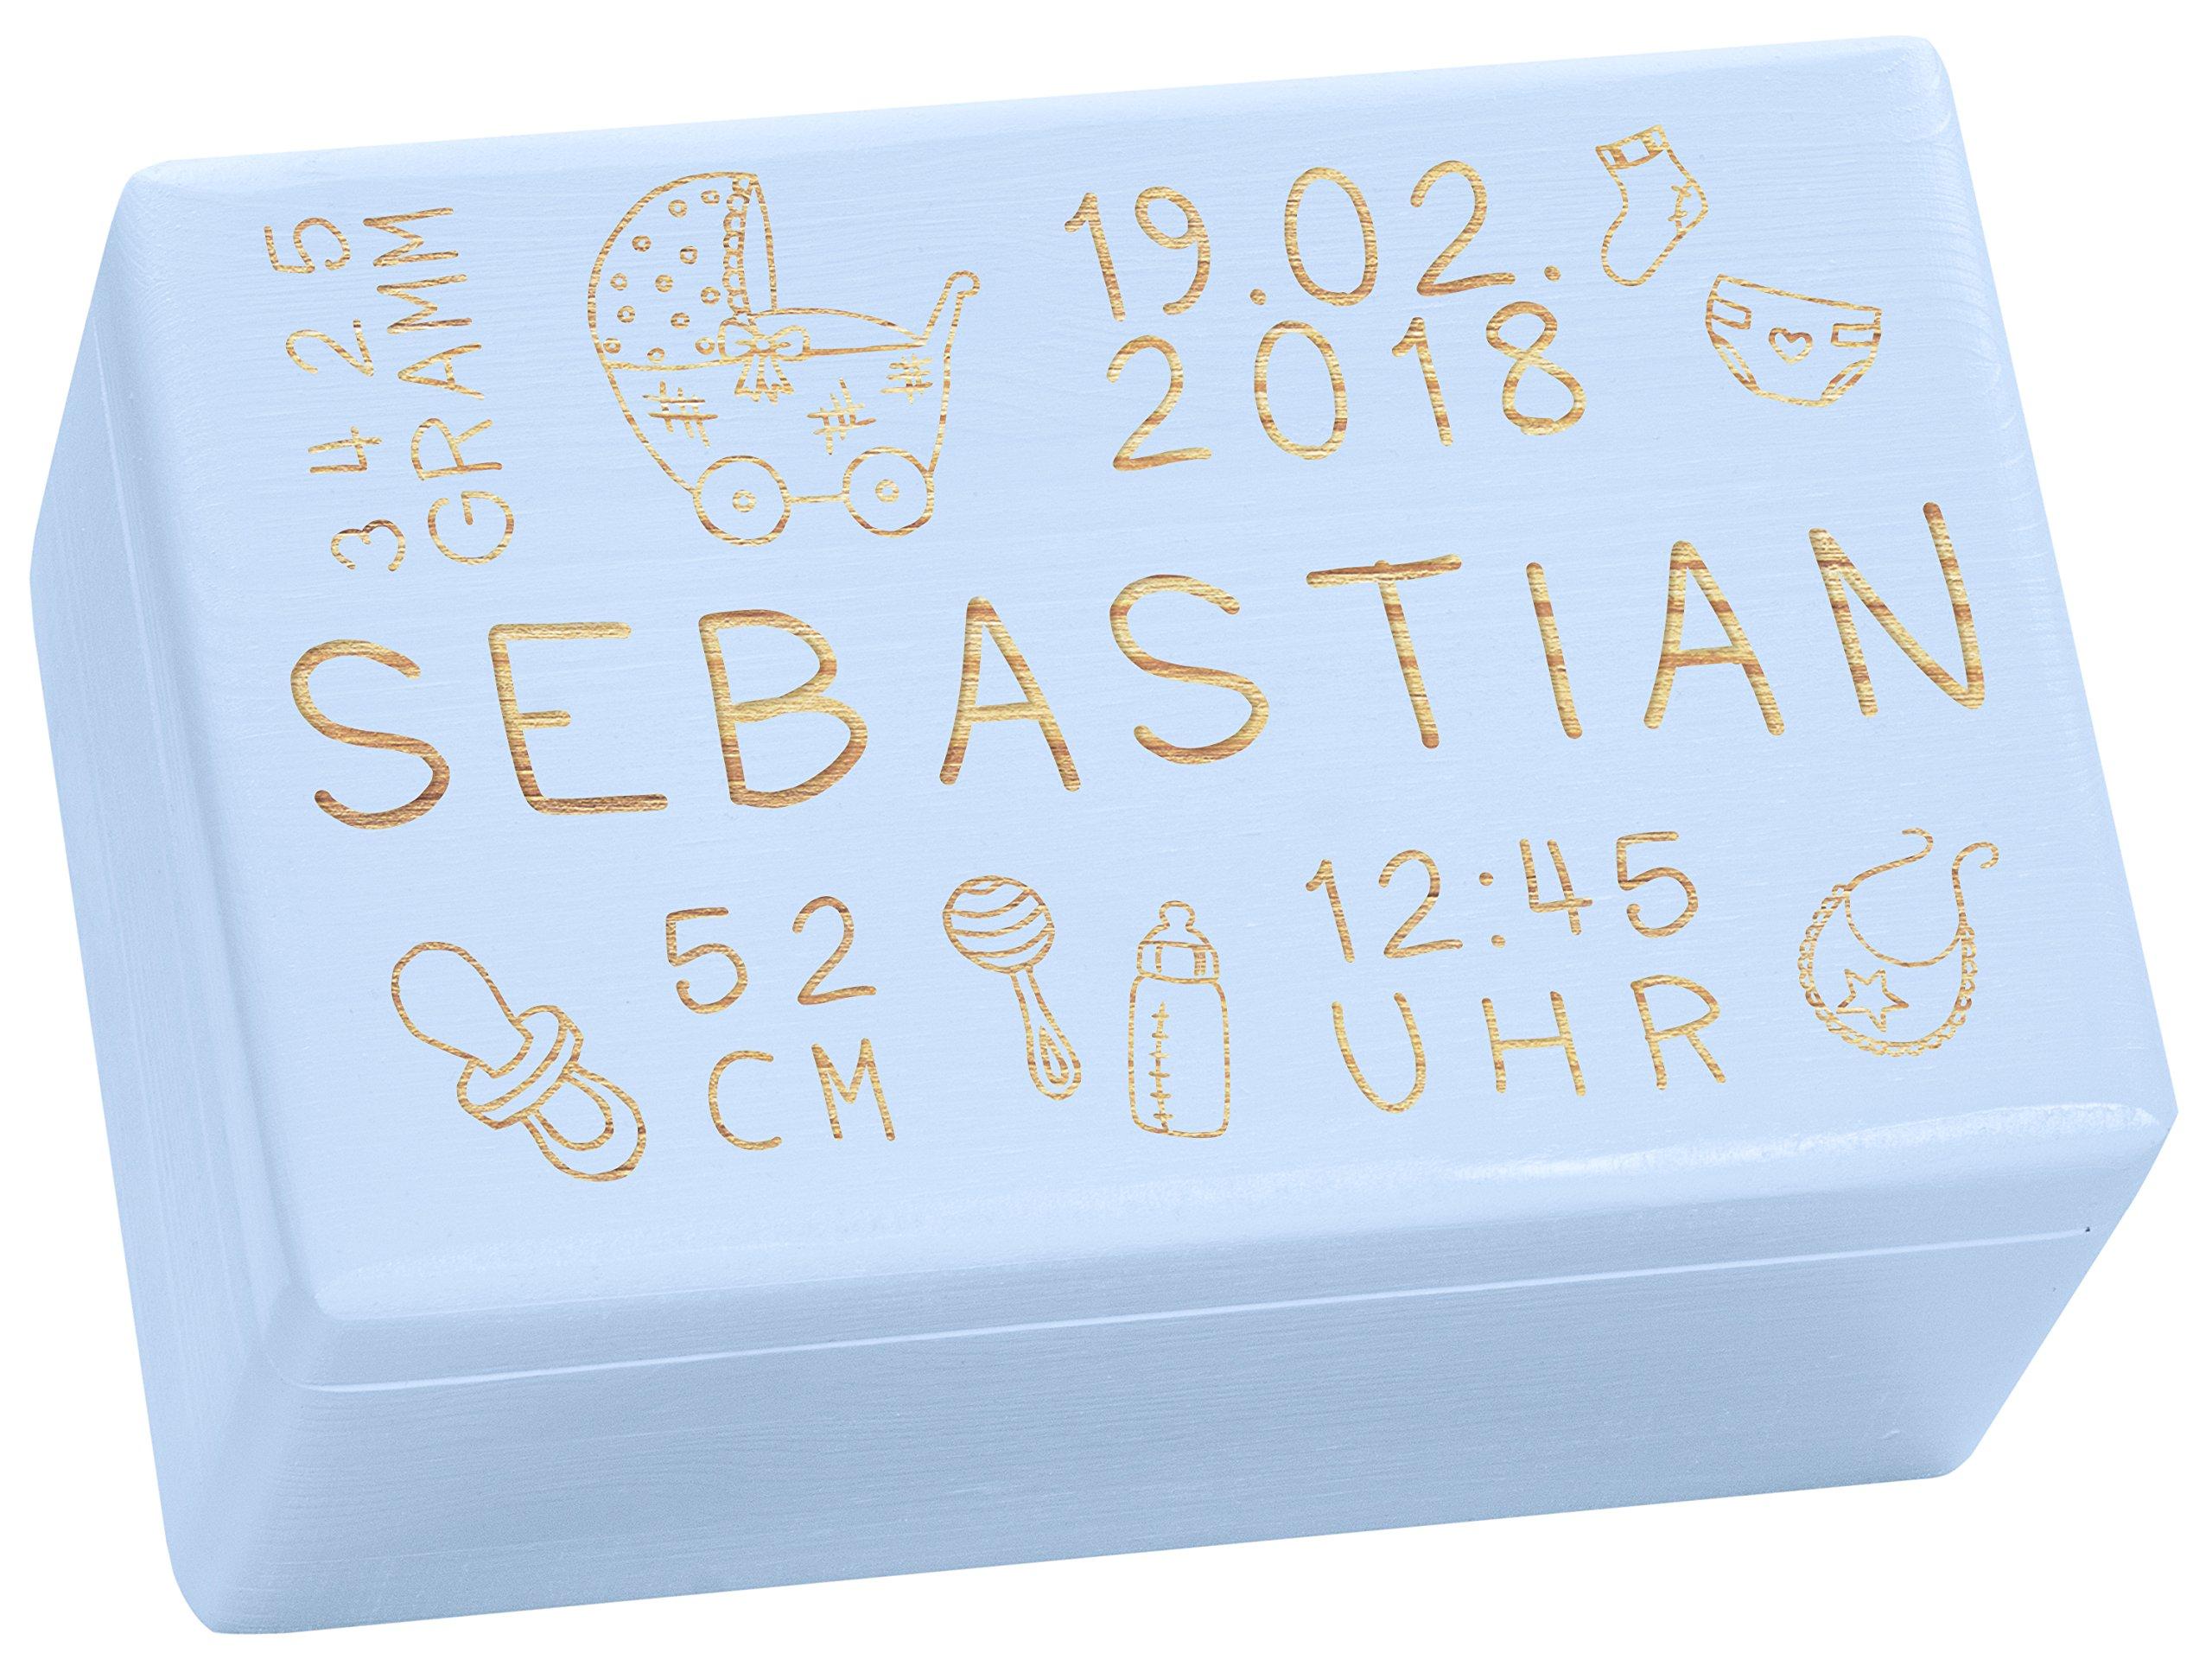 Holzkiste mit Gravur - Personalisiert mit ❤ GEBURTSDATEN ❤ - Blau, Größe M - Rassel Motiv - Erinnerungskiste als Geschenk zur Geburt - LAUBLUST® 13